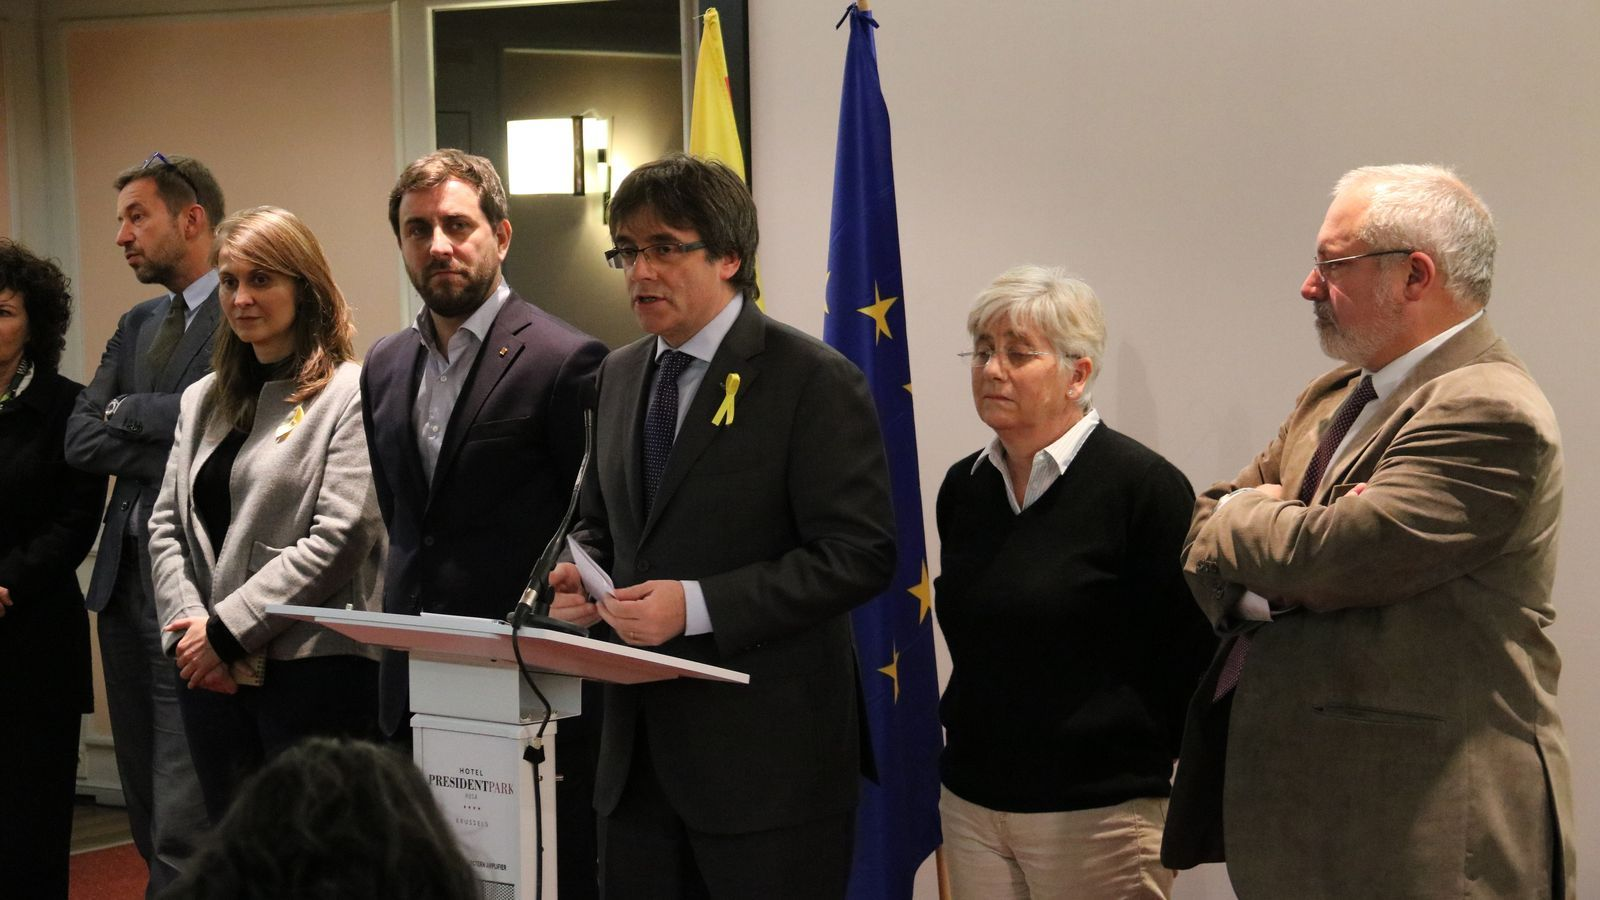 El president Carles Puigdemont i els consellers destituïts Toni Comín, Clara Ponsatí, Lluís Puig i Meritxell Serret, a la roda de premsa a Brussel·les, avui